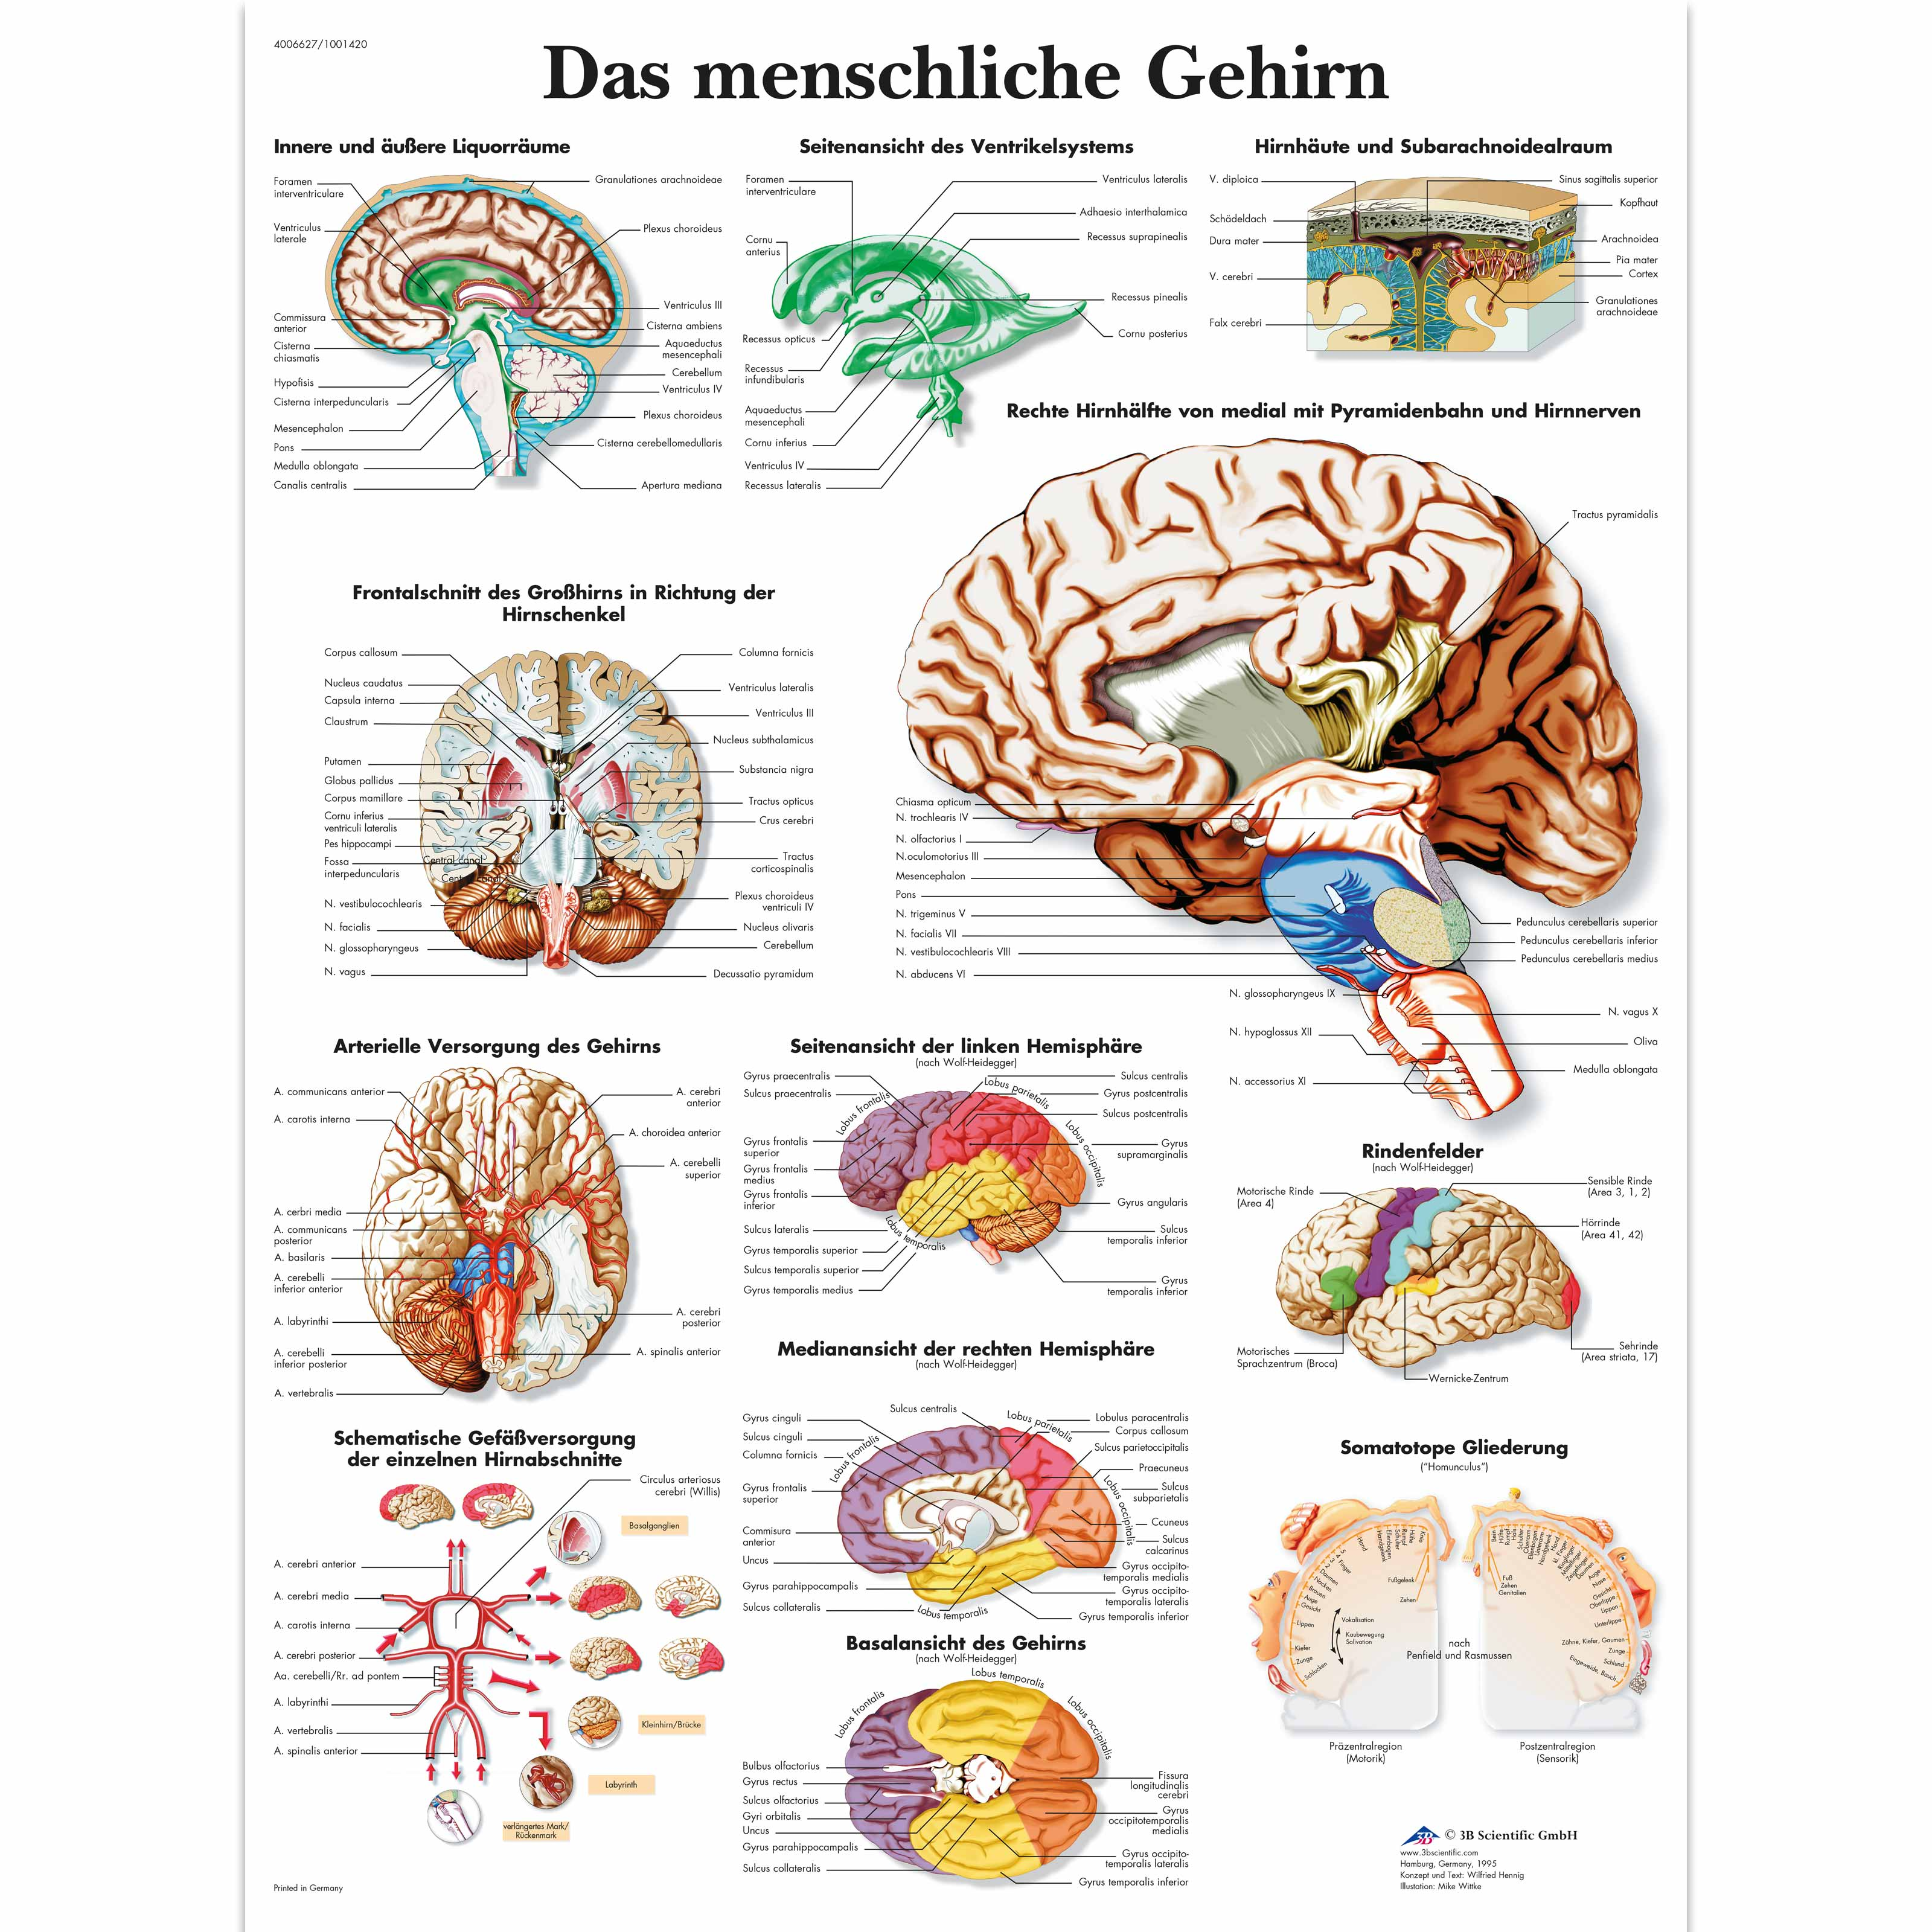 Großartig Hunde Anatomie Des Gehirns Zeitgenössisch - Anatomie Von ...